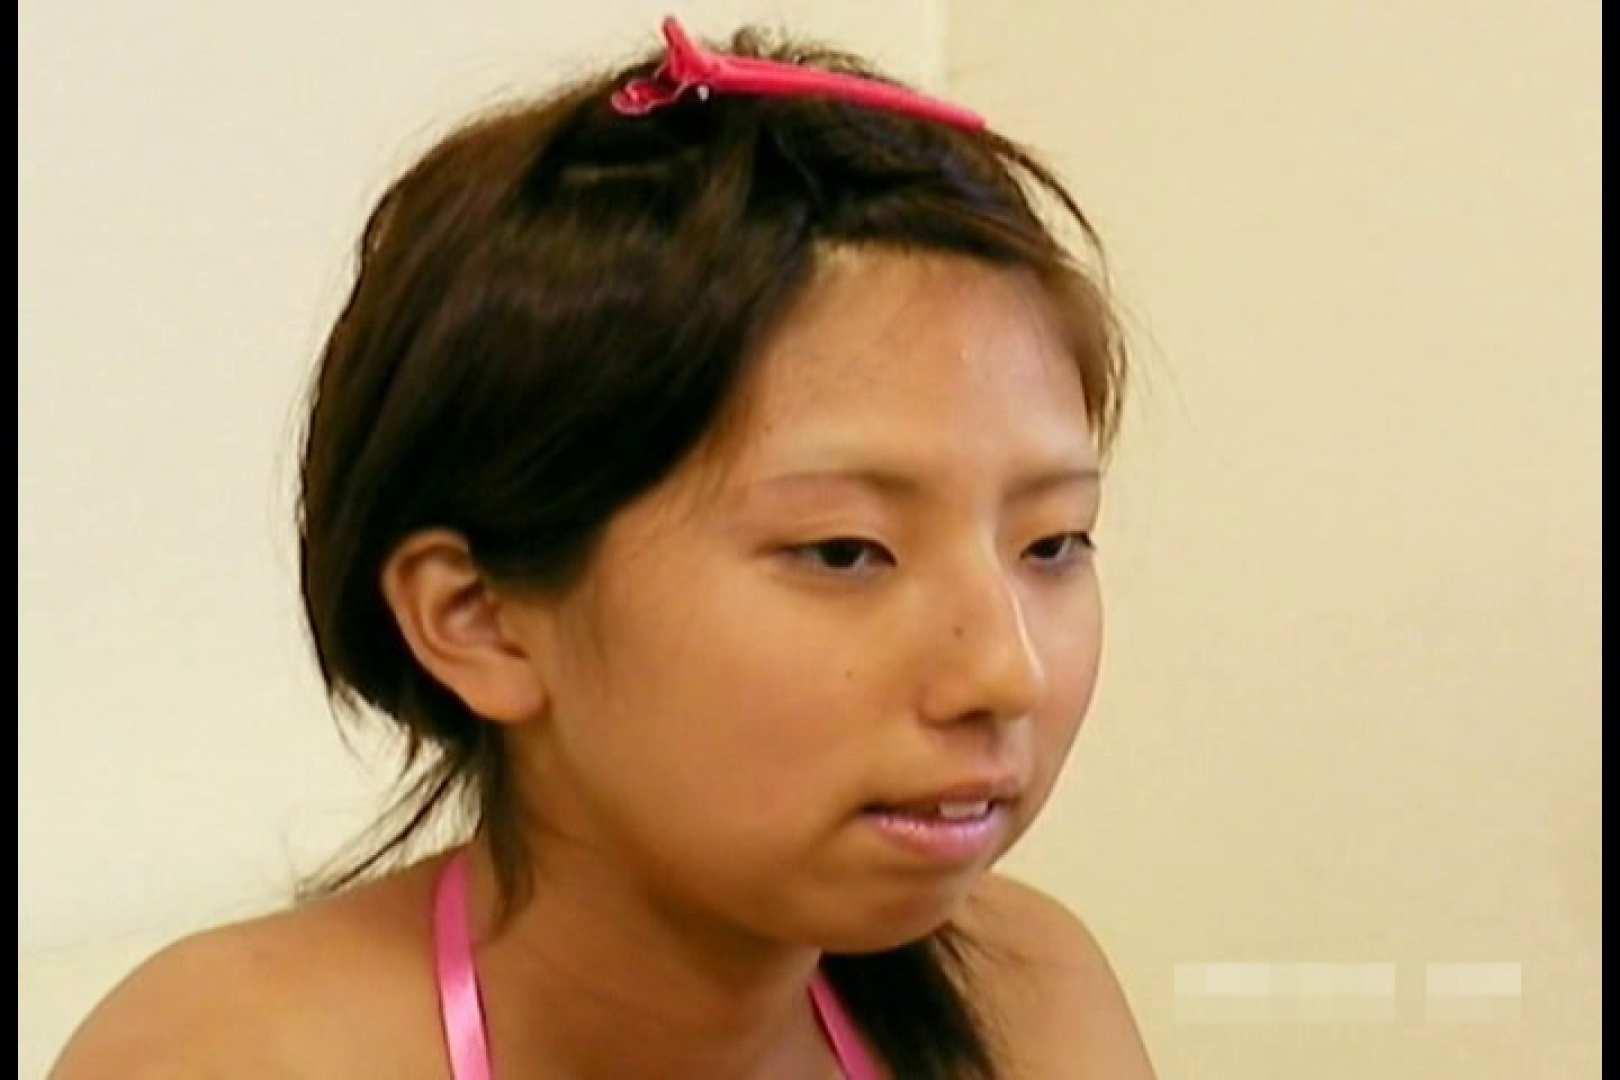 素人撮影 下着だけの撮影のはずが・・・エミちゃん18歳 素人 | おっぱい  55pic 26